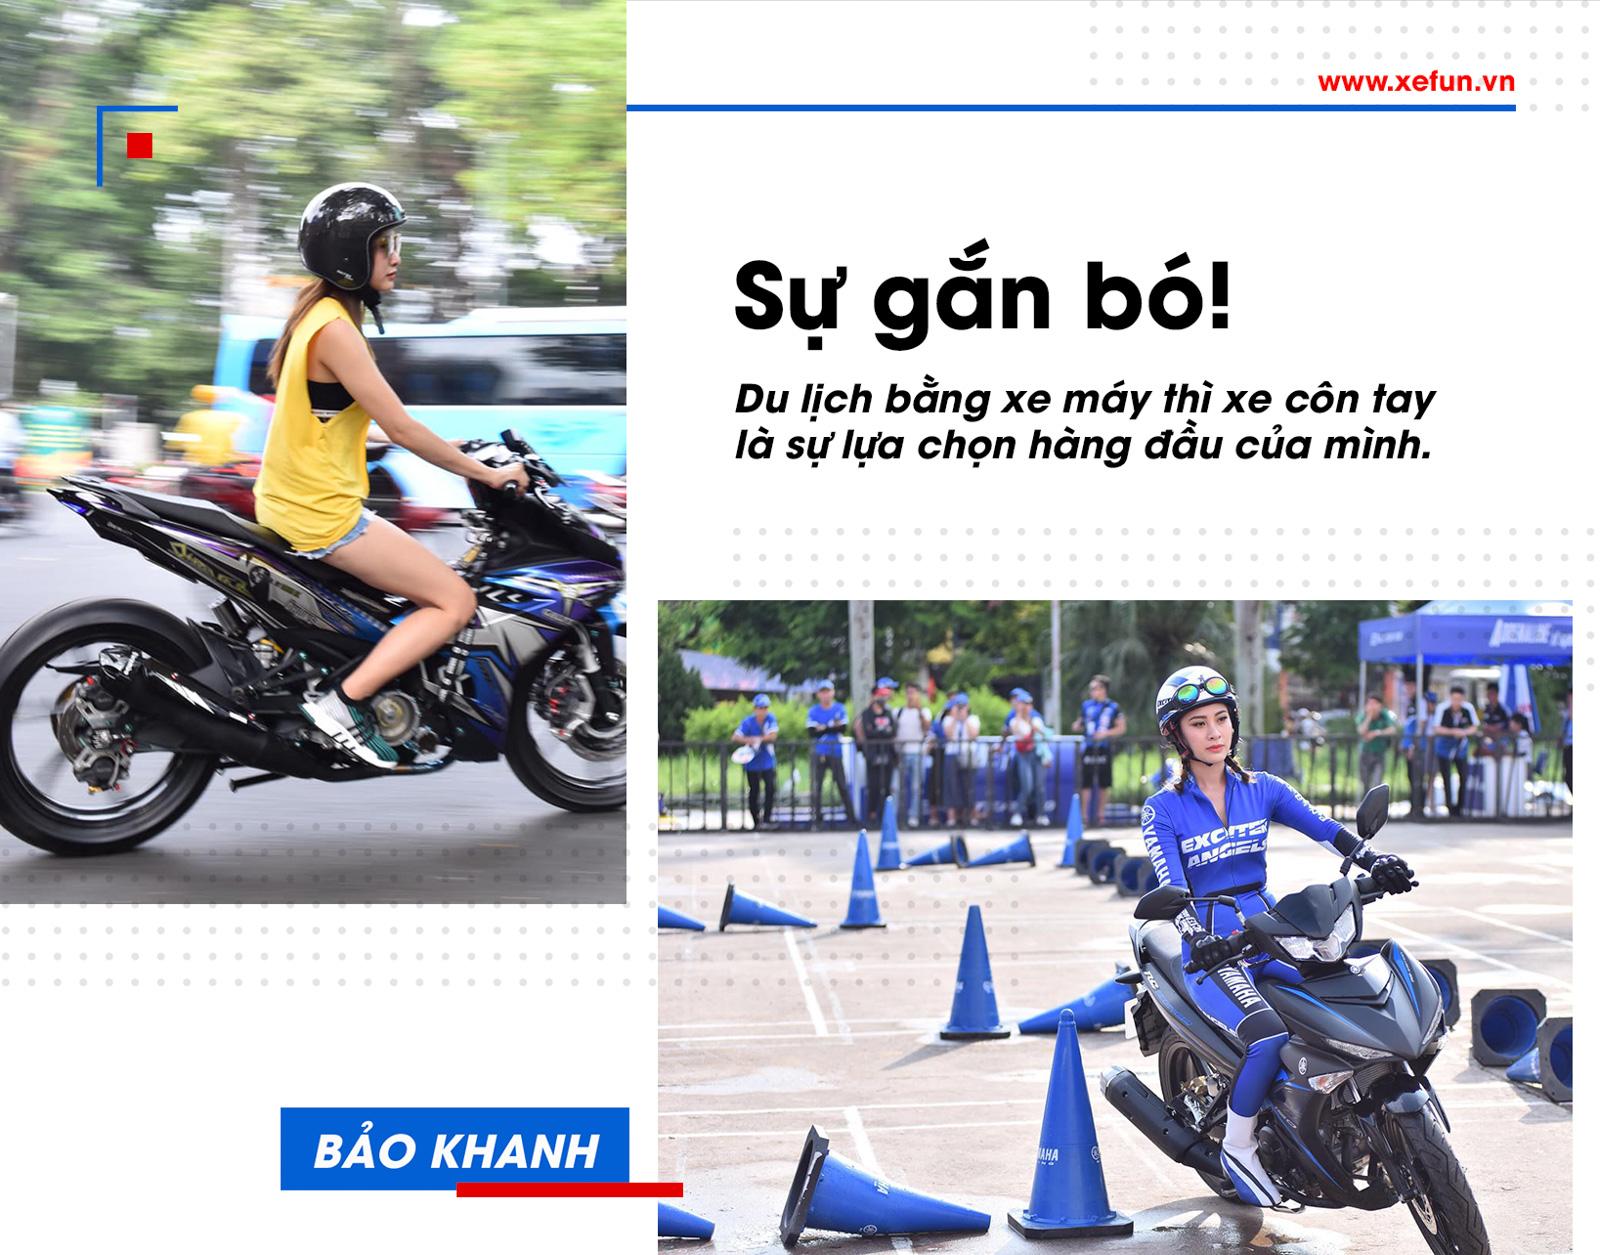 Angels Bảo Khanh chia sẻ: Mình thật sự rất thích di chuyển bằng xe côn tay, hầu như sử dụng nó hằng ngày